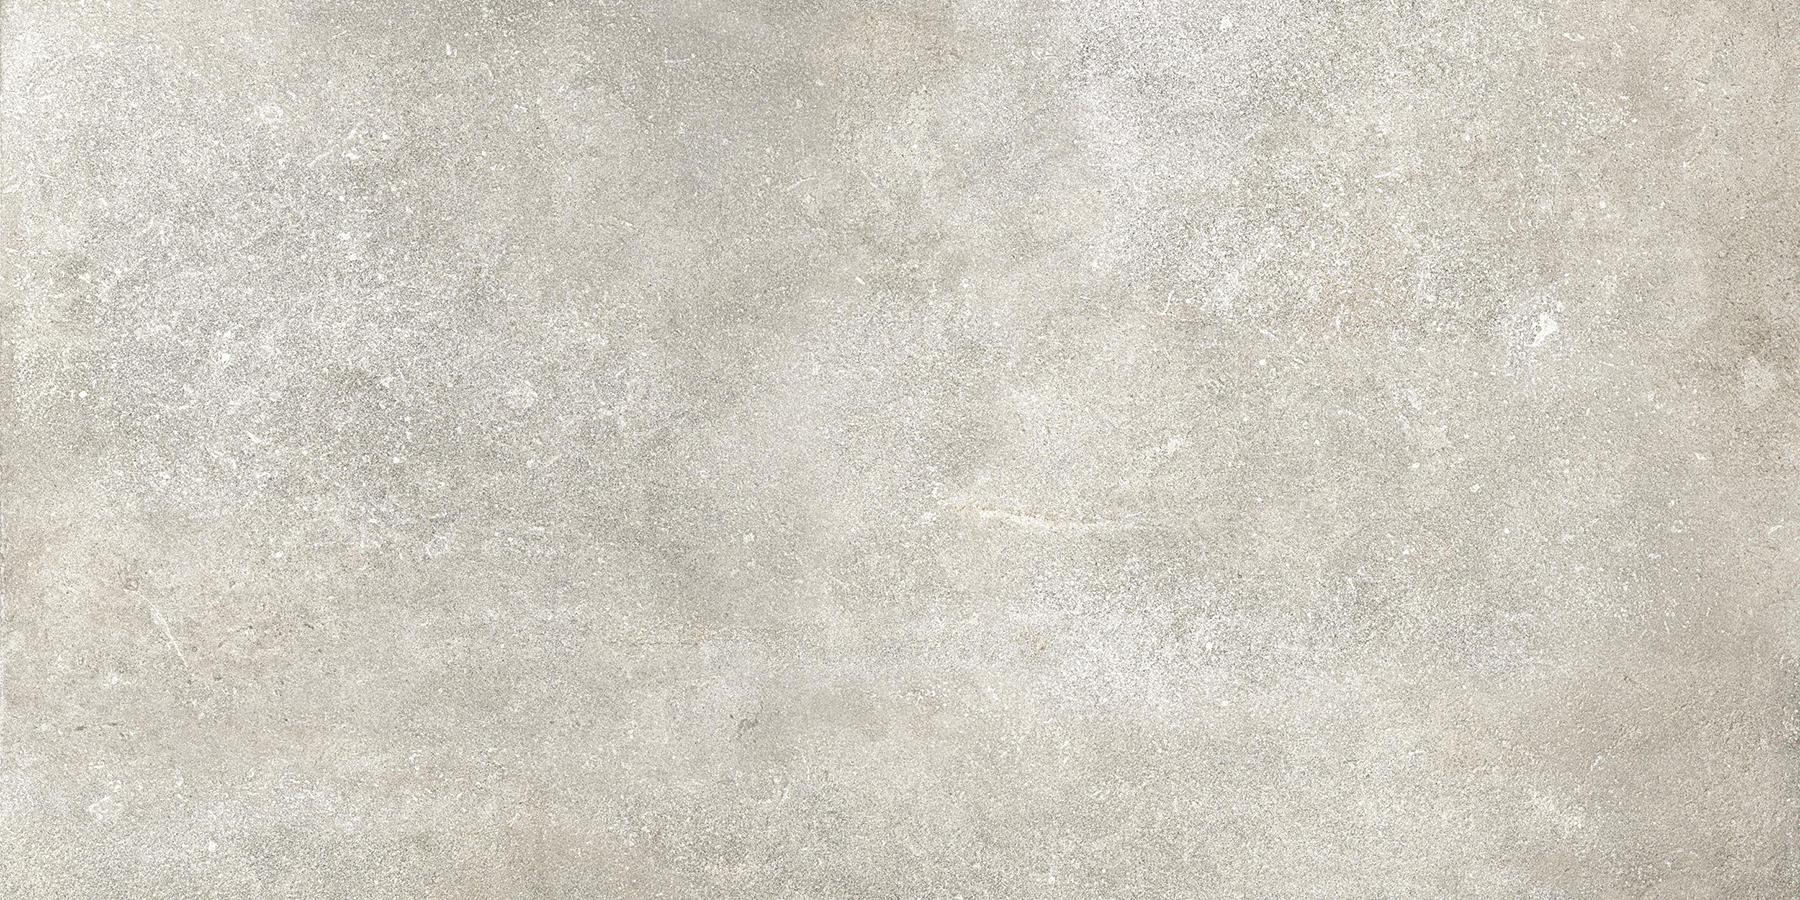 DEL CONCA Anversa HAV201 scav01 Terrassenplatte 60x120 matt